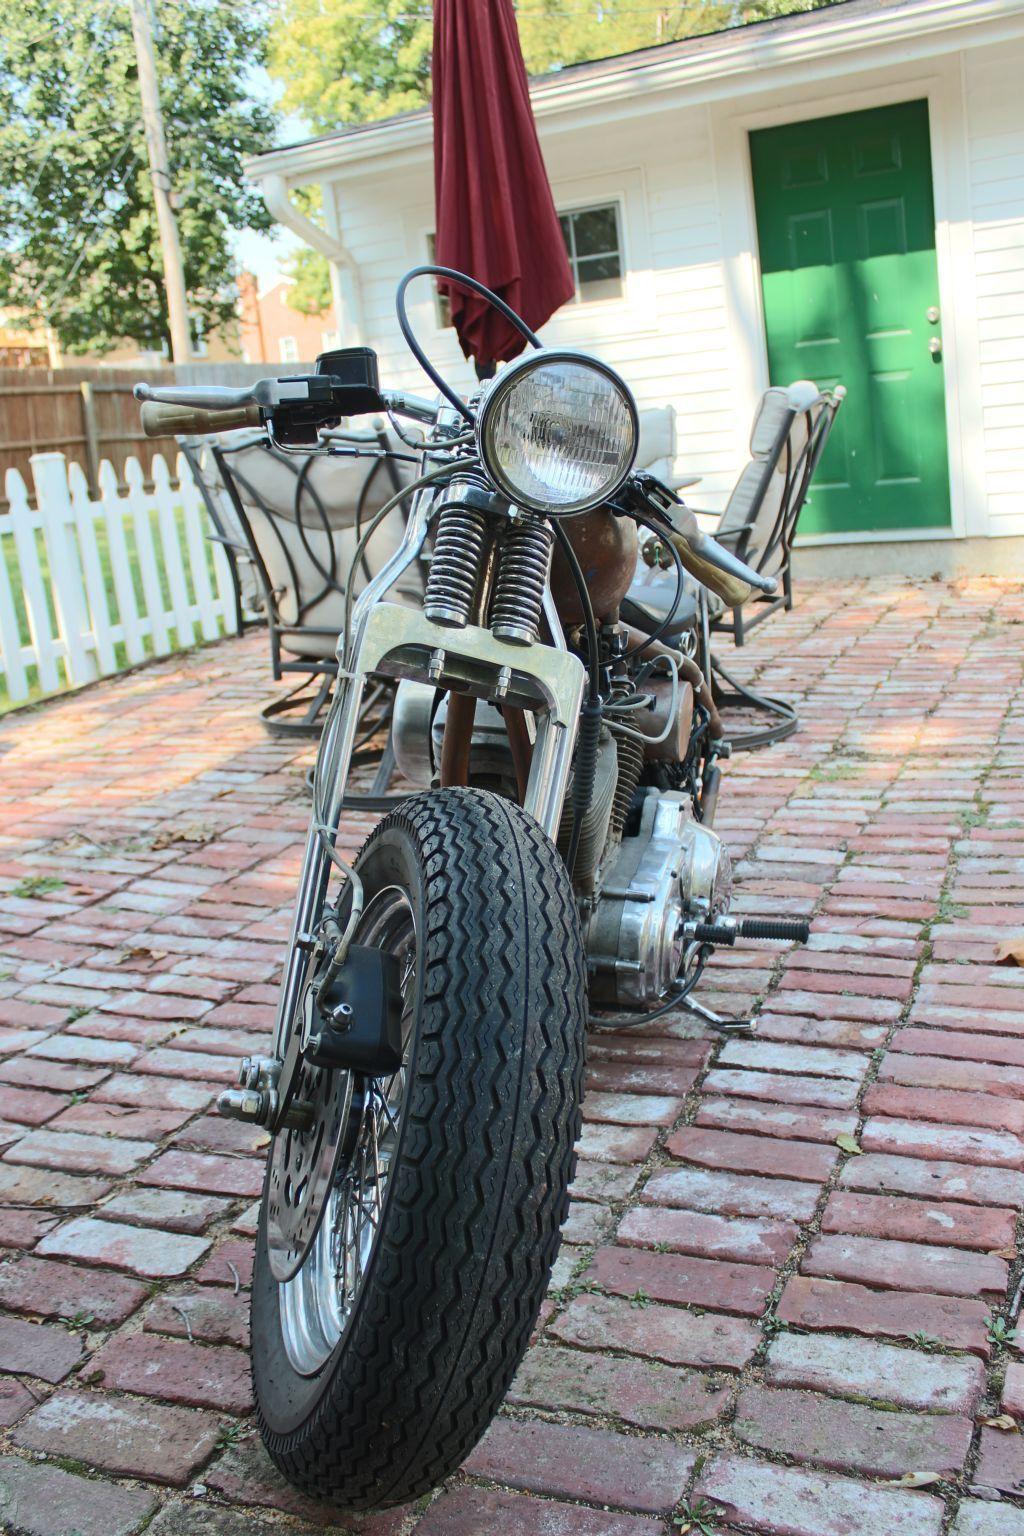 2014 Harley Davidson Fat Tired Bobber Hard Tail